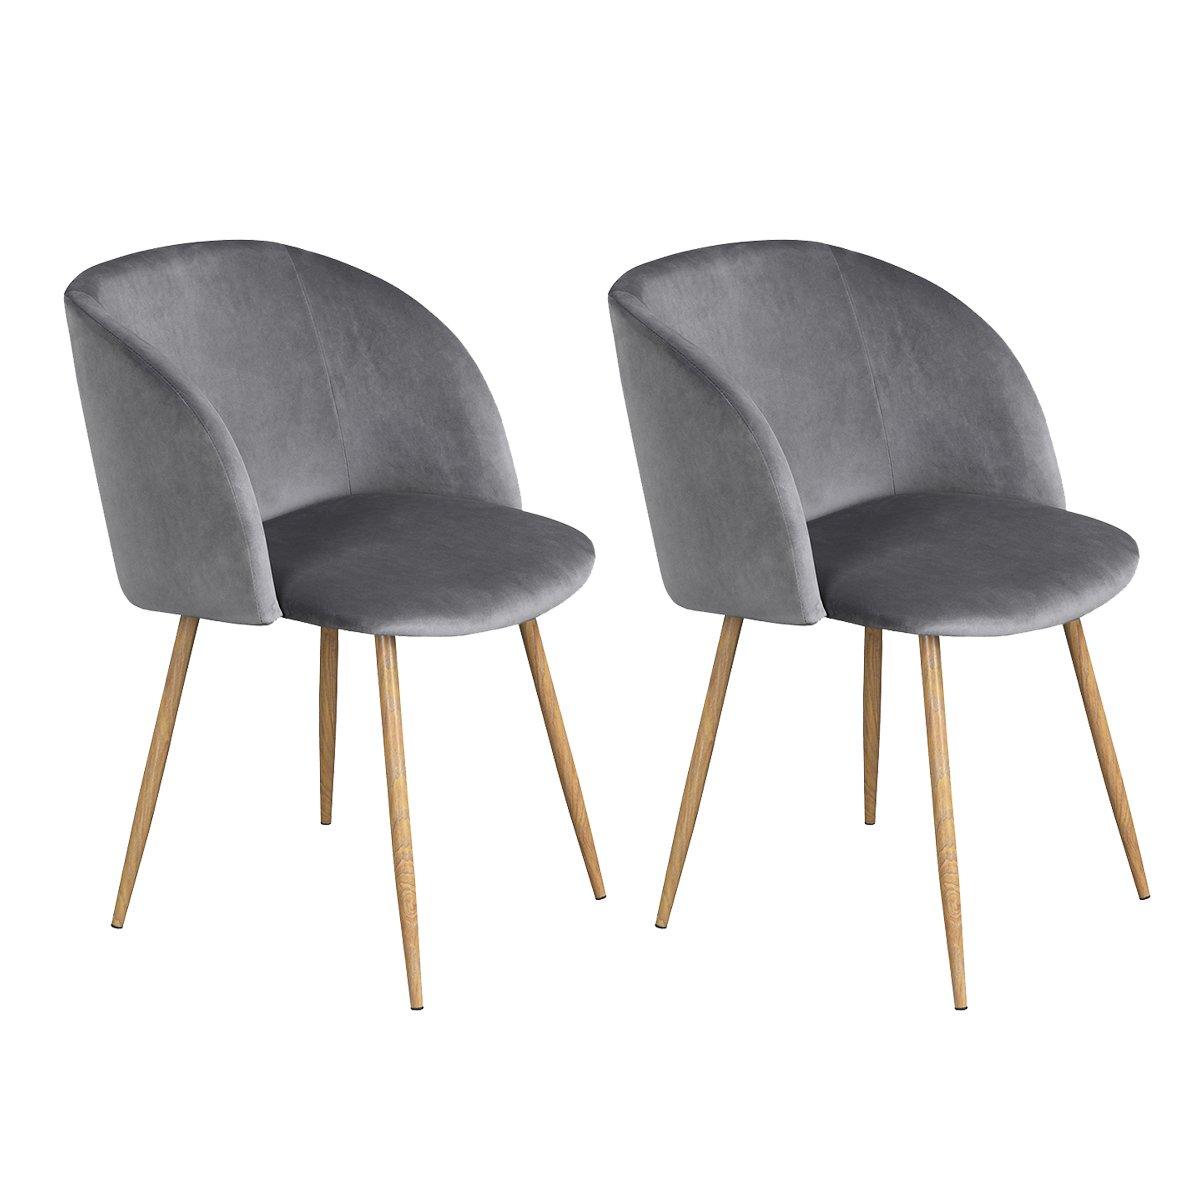 Attraktiv 2er Silky Samt Akzent Sessel Für Kleine Küche Esszimmer Büro Stühle Sessel  Grau